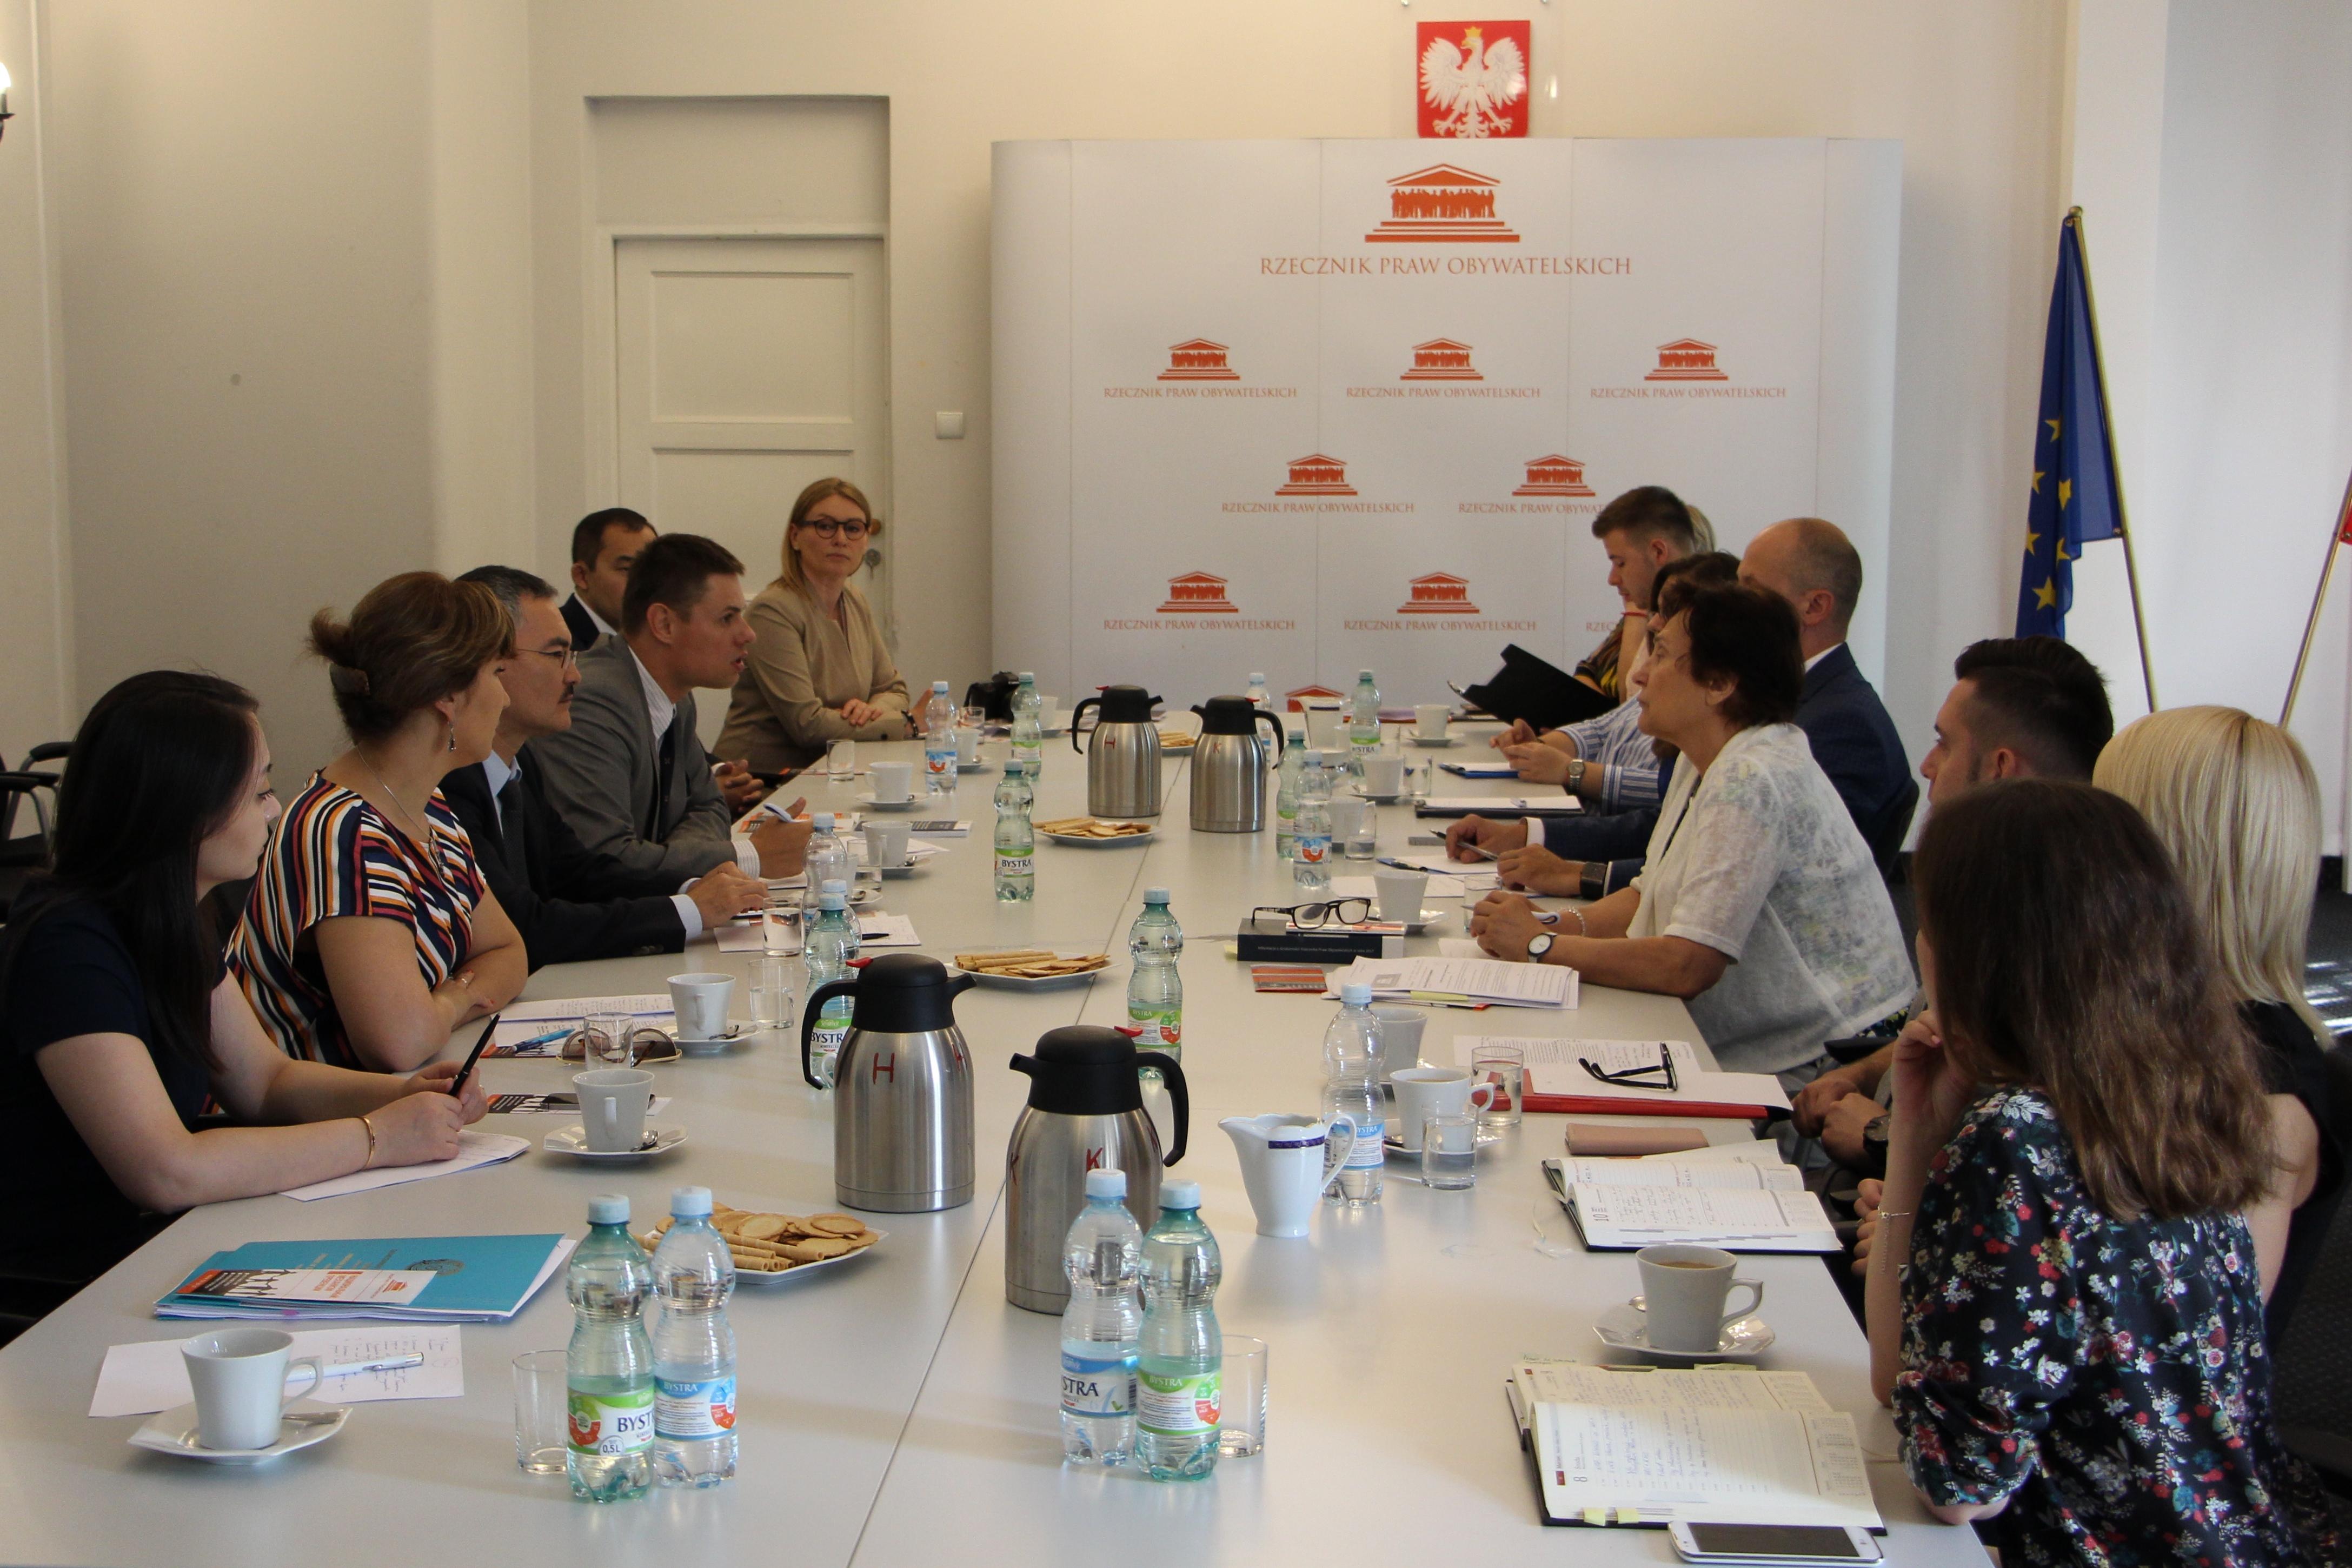 Spotkanie z przedstawicielami Krajowego Centrum Praw Człowieka w Kazachstanie